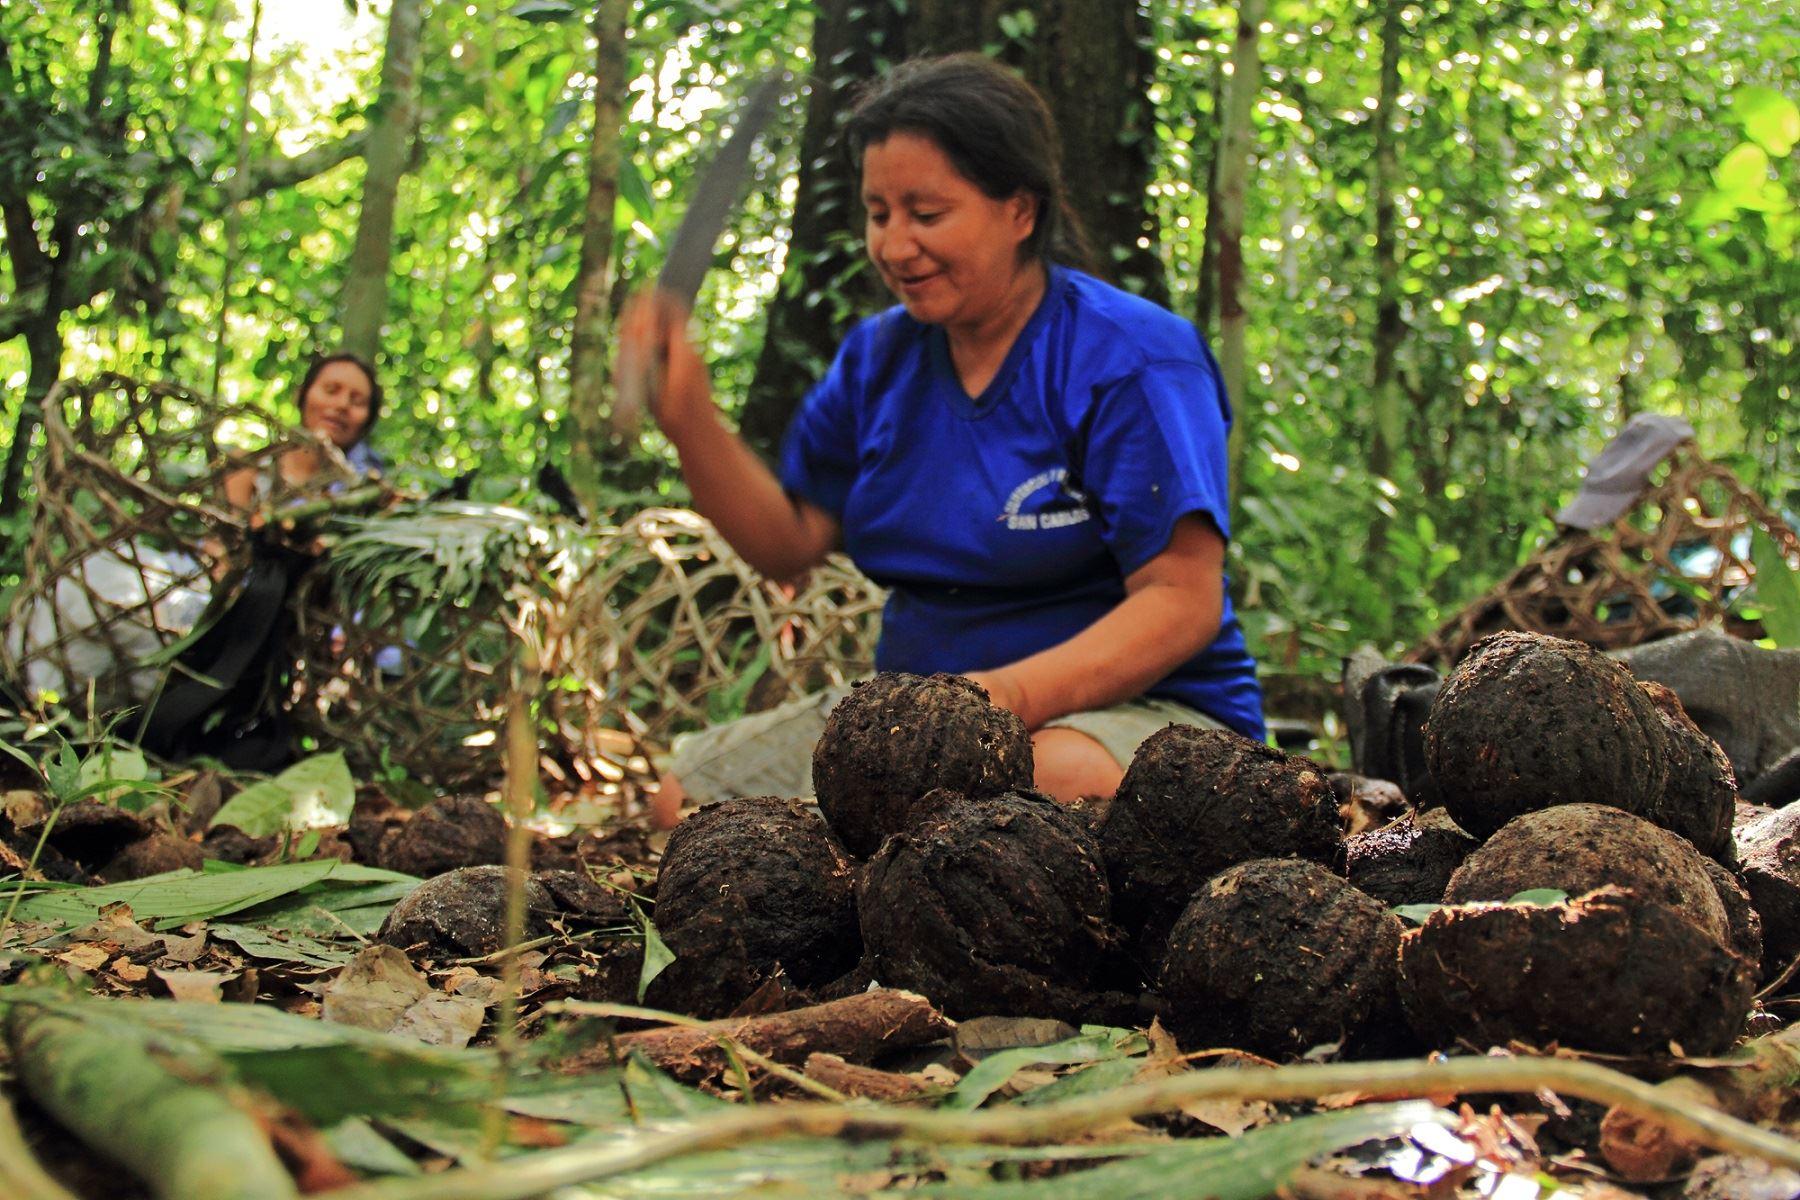 Sernanp y Minam+CAF impulsan proyecto para aprovechar la castaña en la Reserva Nacional Tambopata, en Madre de Dios. Foto: Sernanp/Juan Carlos Huayllapuma